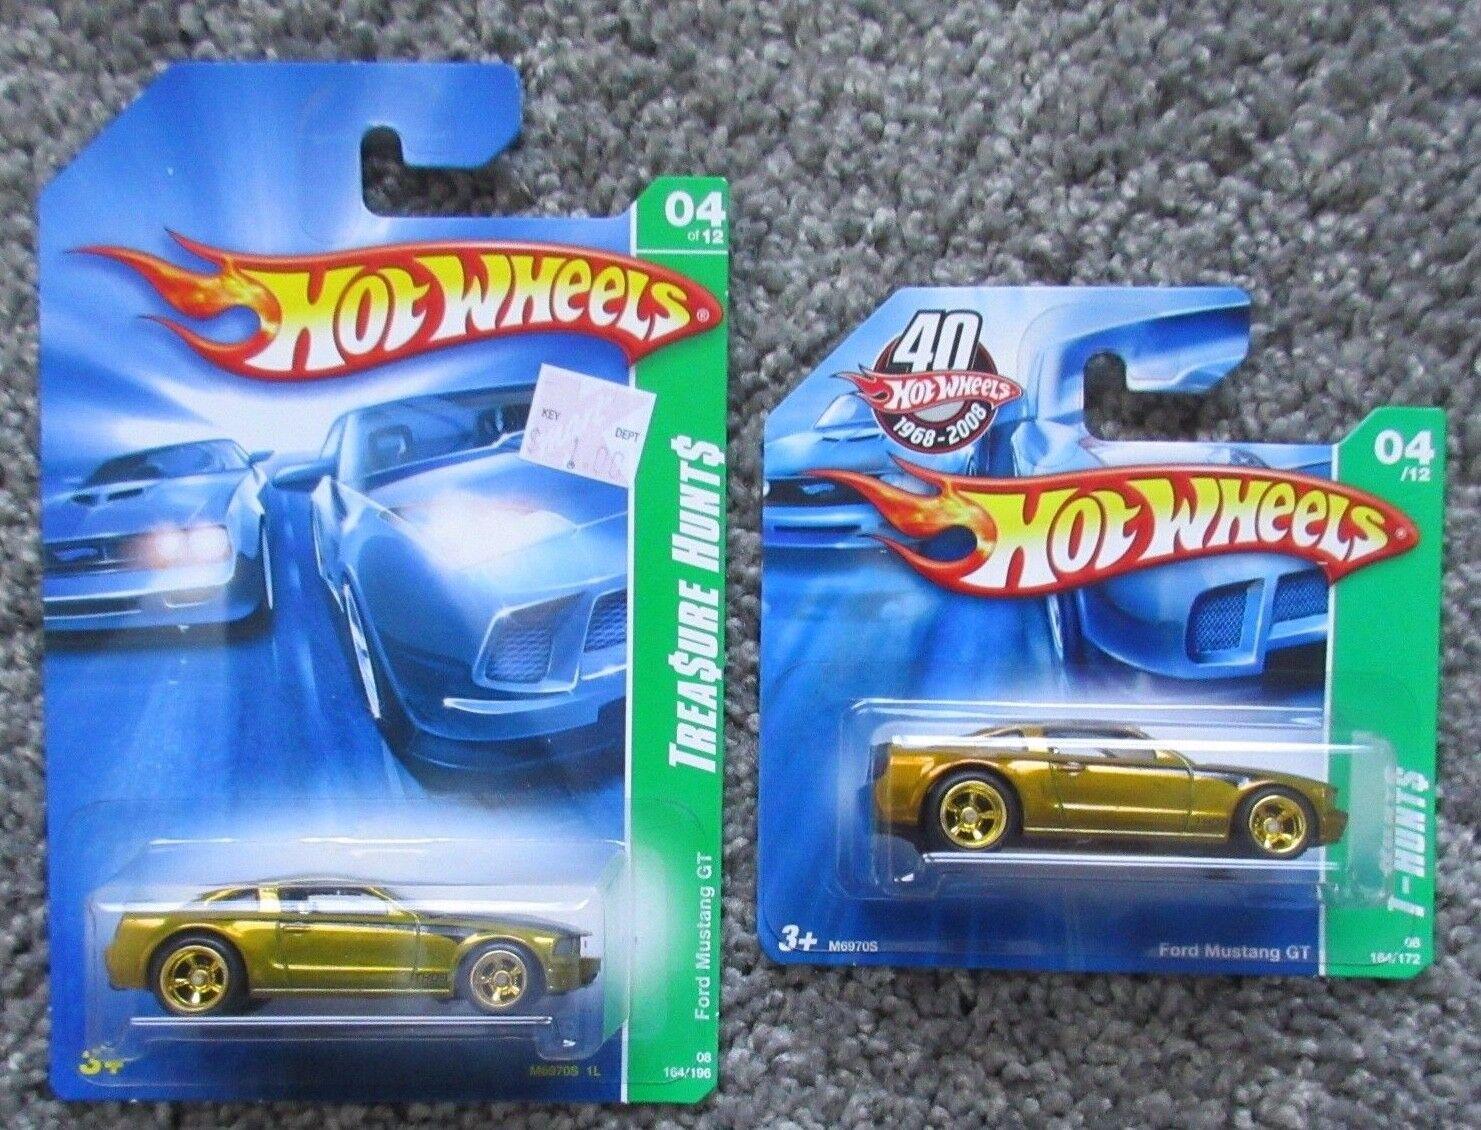 alto descuento Nuevo en paquete 1 64 64 64 Diecast Hot Wheels 2 Mustang Gt Tarjeta Corta Larga  4 M6970 súper Hunt  40% de descuento